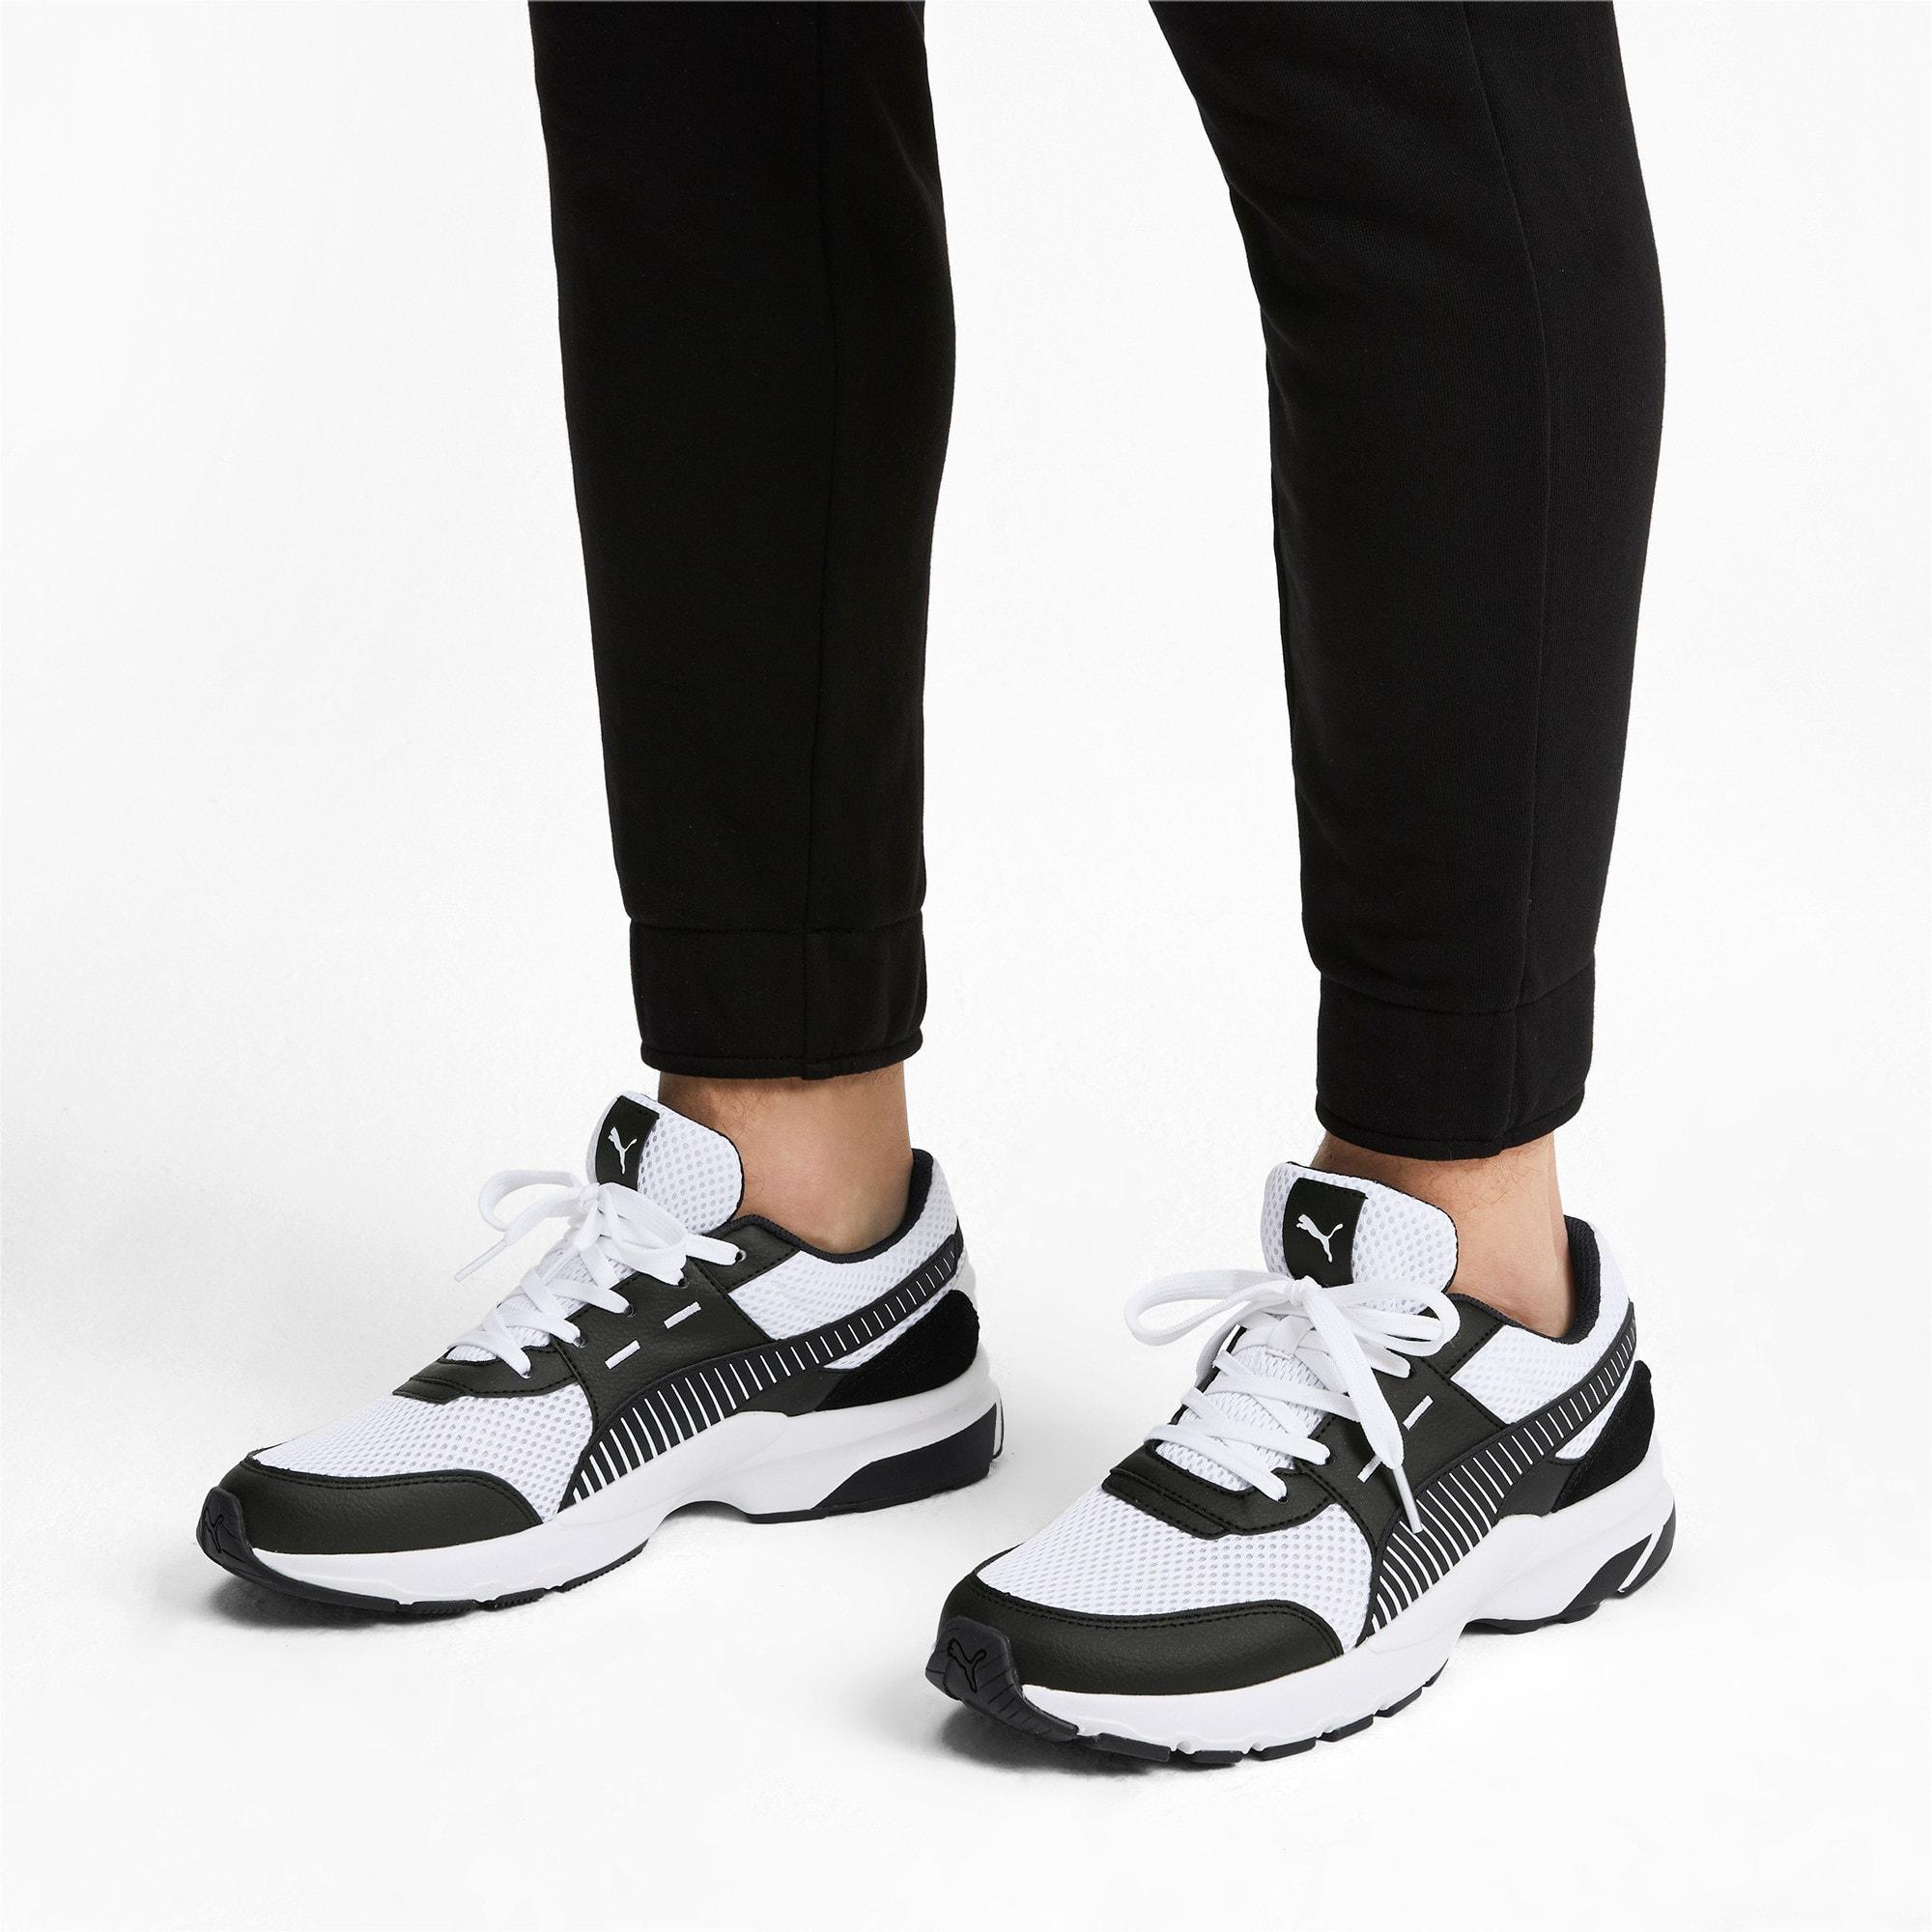 Thumbnail 2 of Future Runner Premium Running Shoes, Puma White-Puma Black, medium-IND